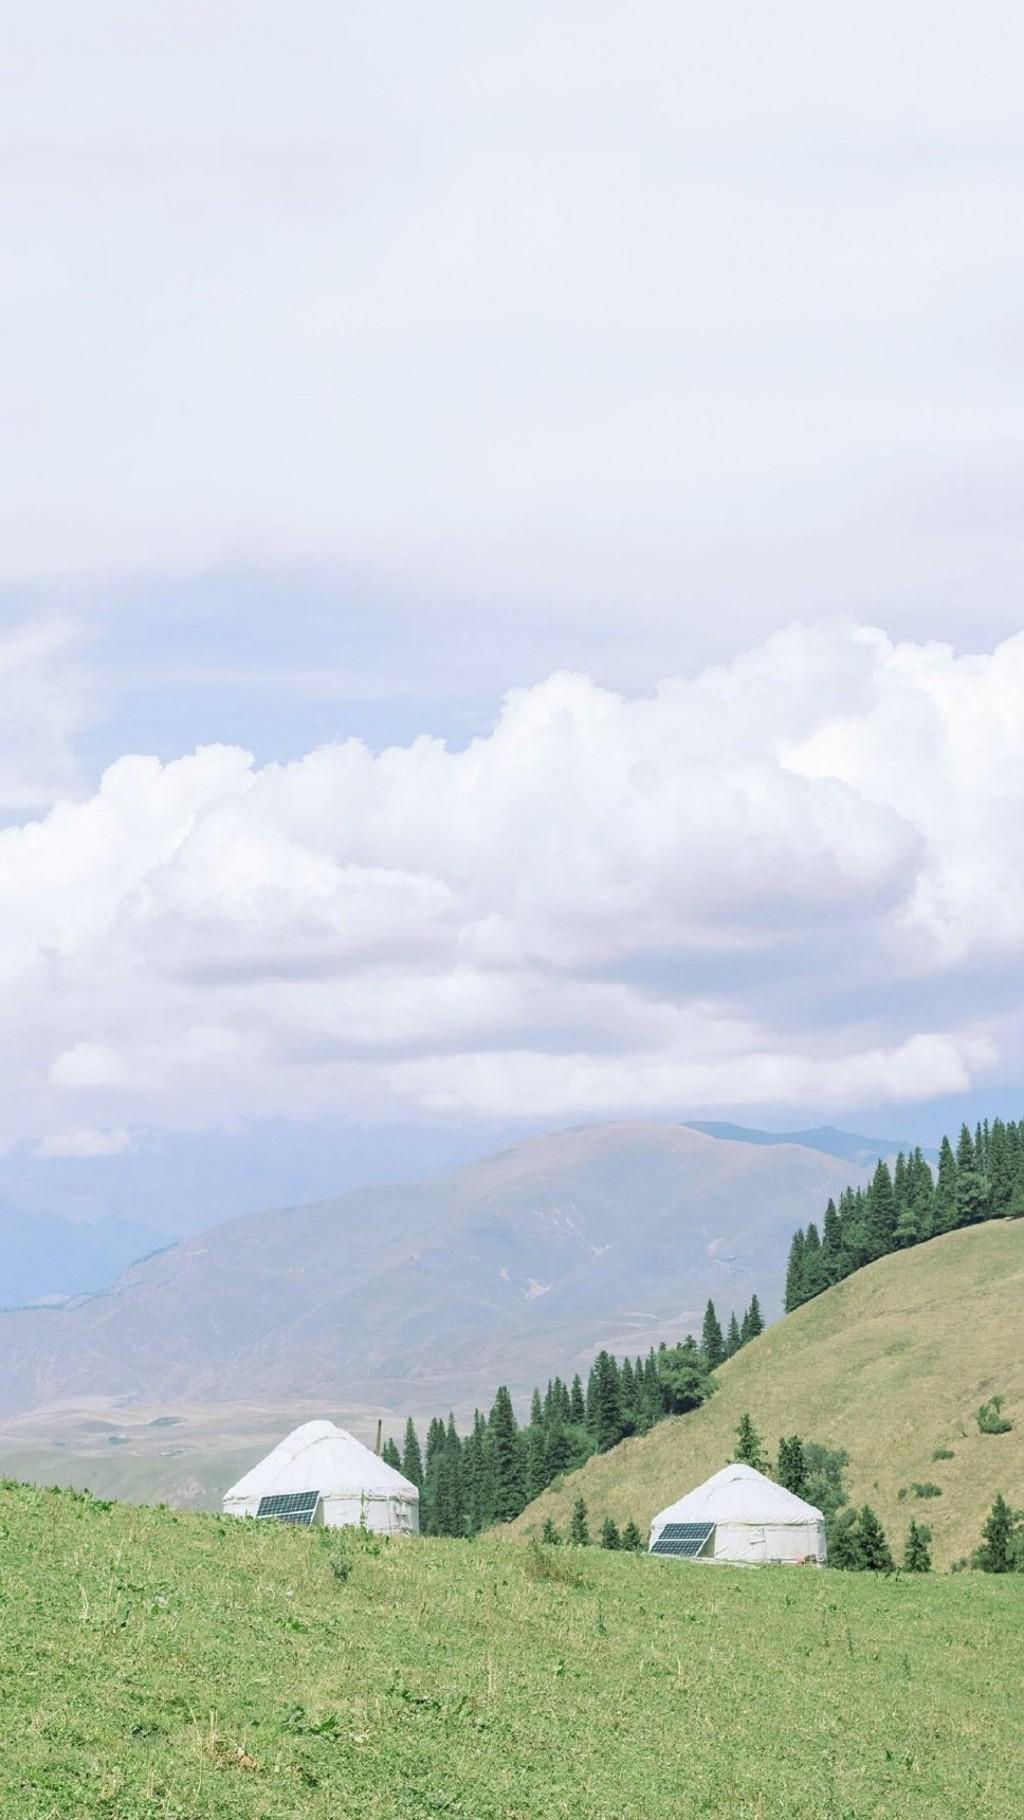 大自然清新护眼风景图片手机壁纸 自然风光 靓丽图库